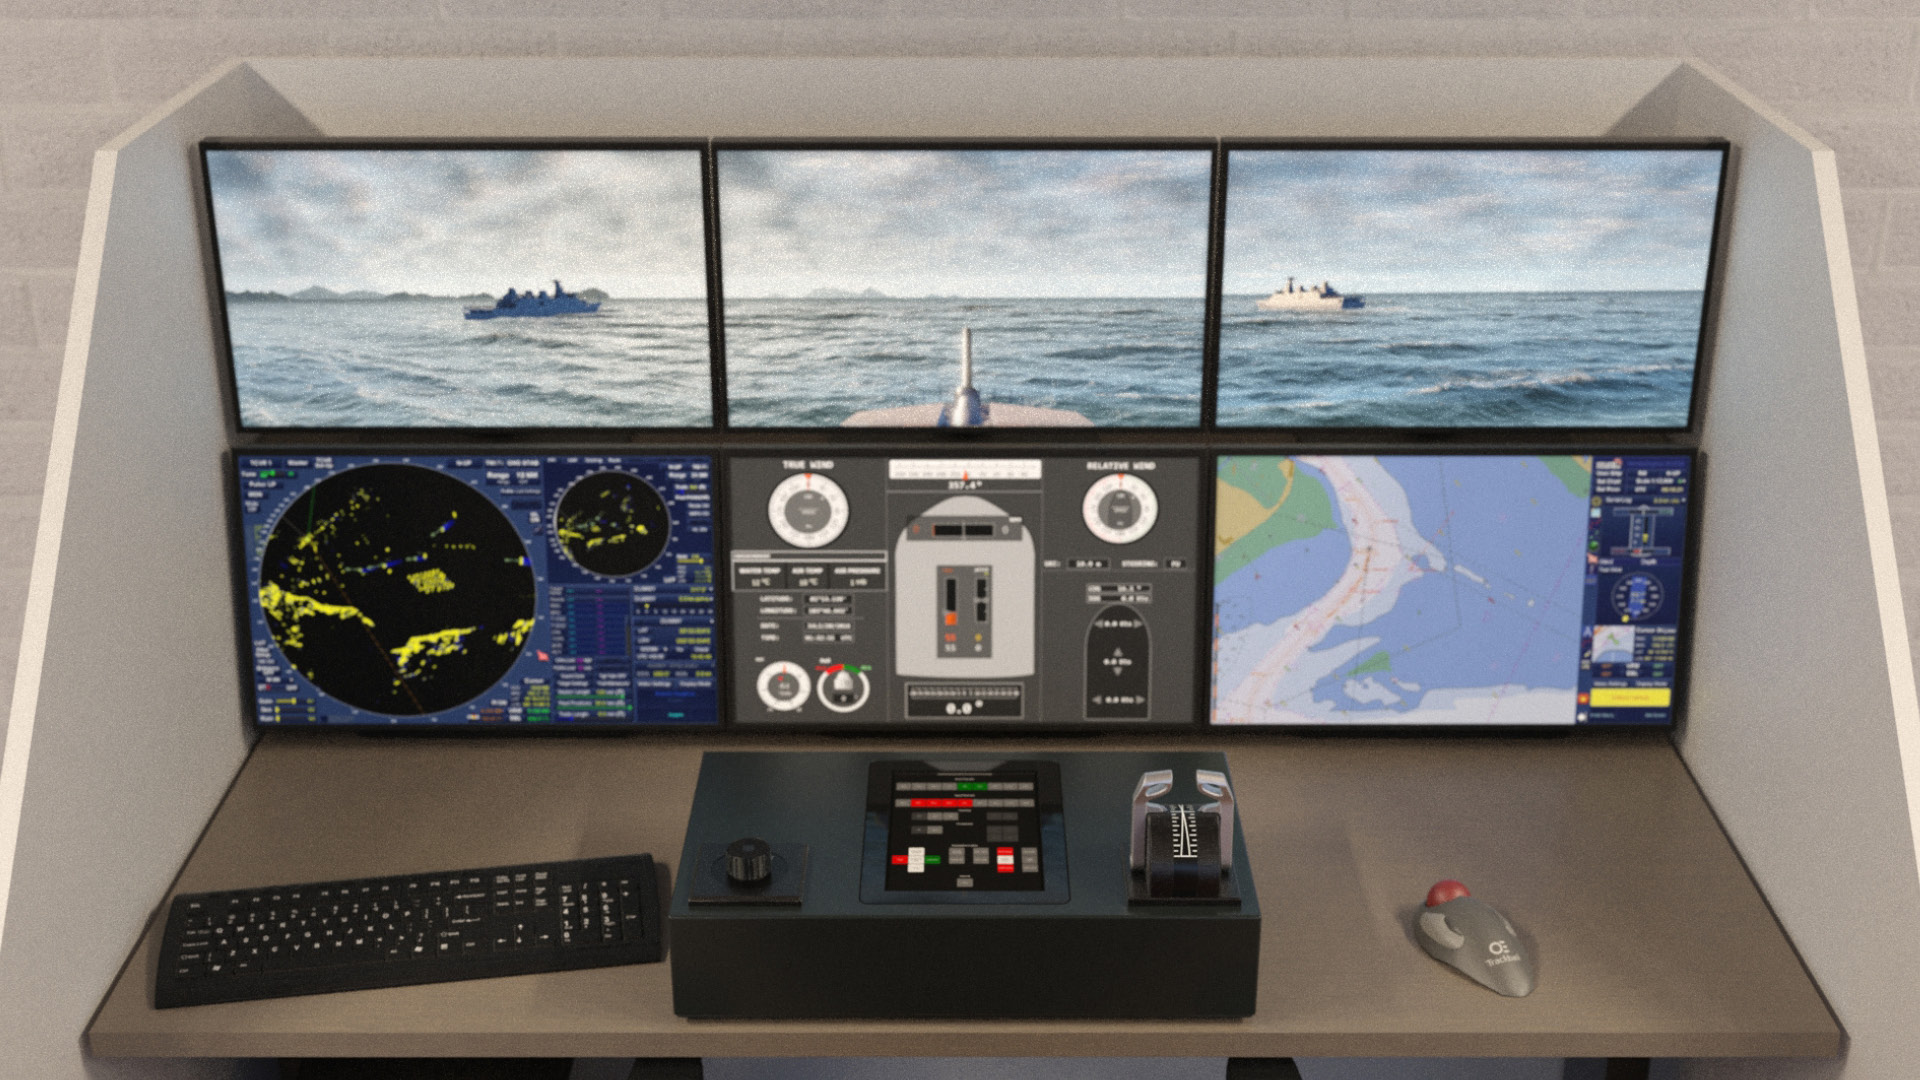 NAUTIS Maritime Simulator Naval Desktop